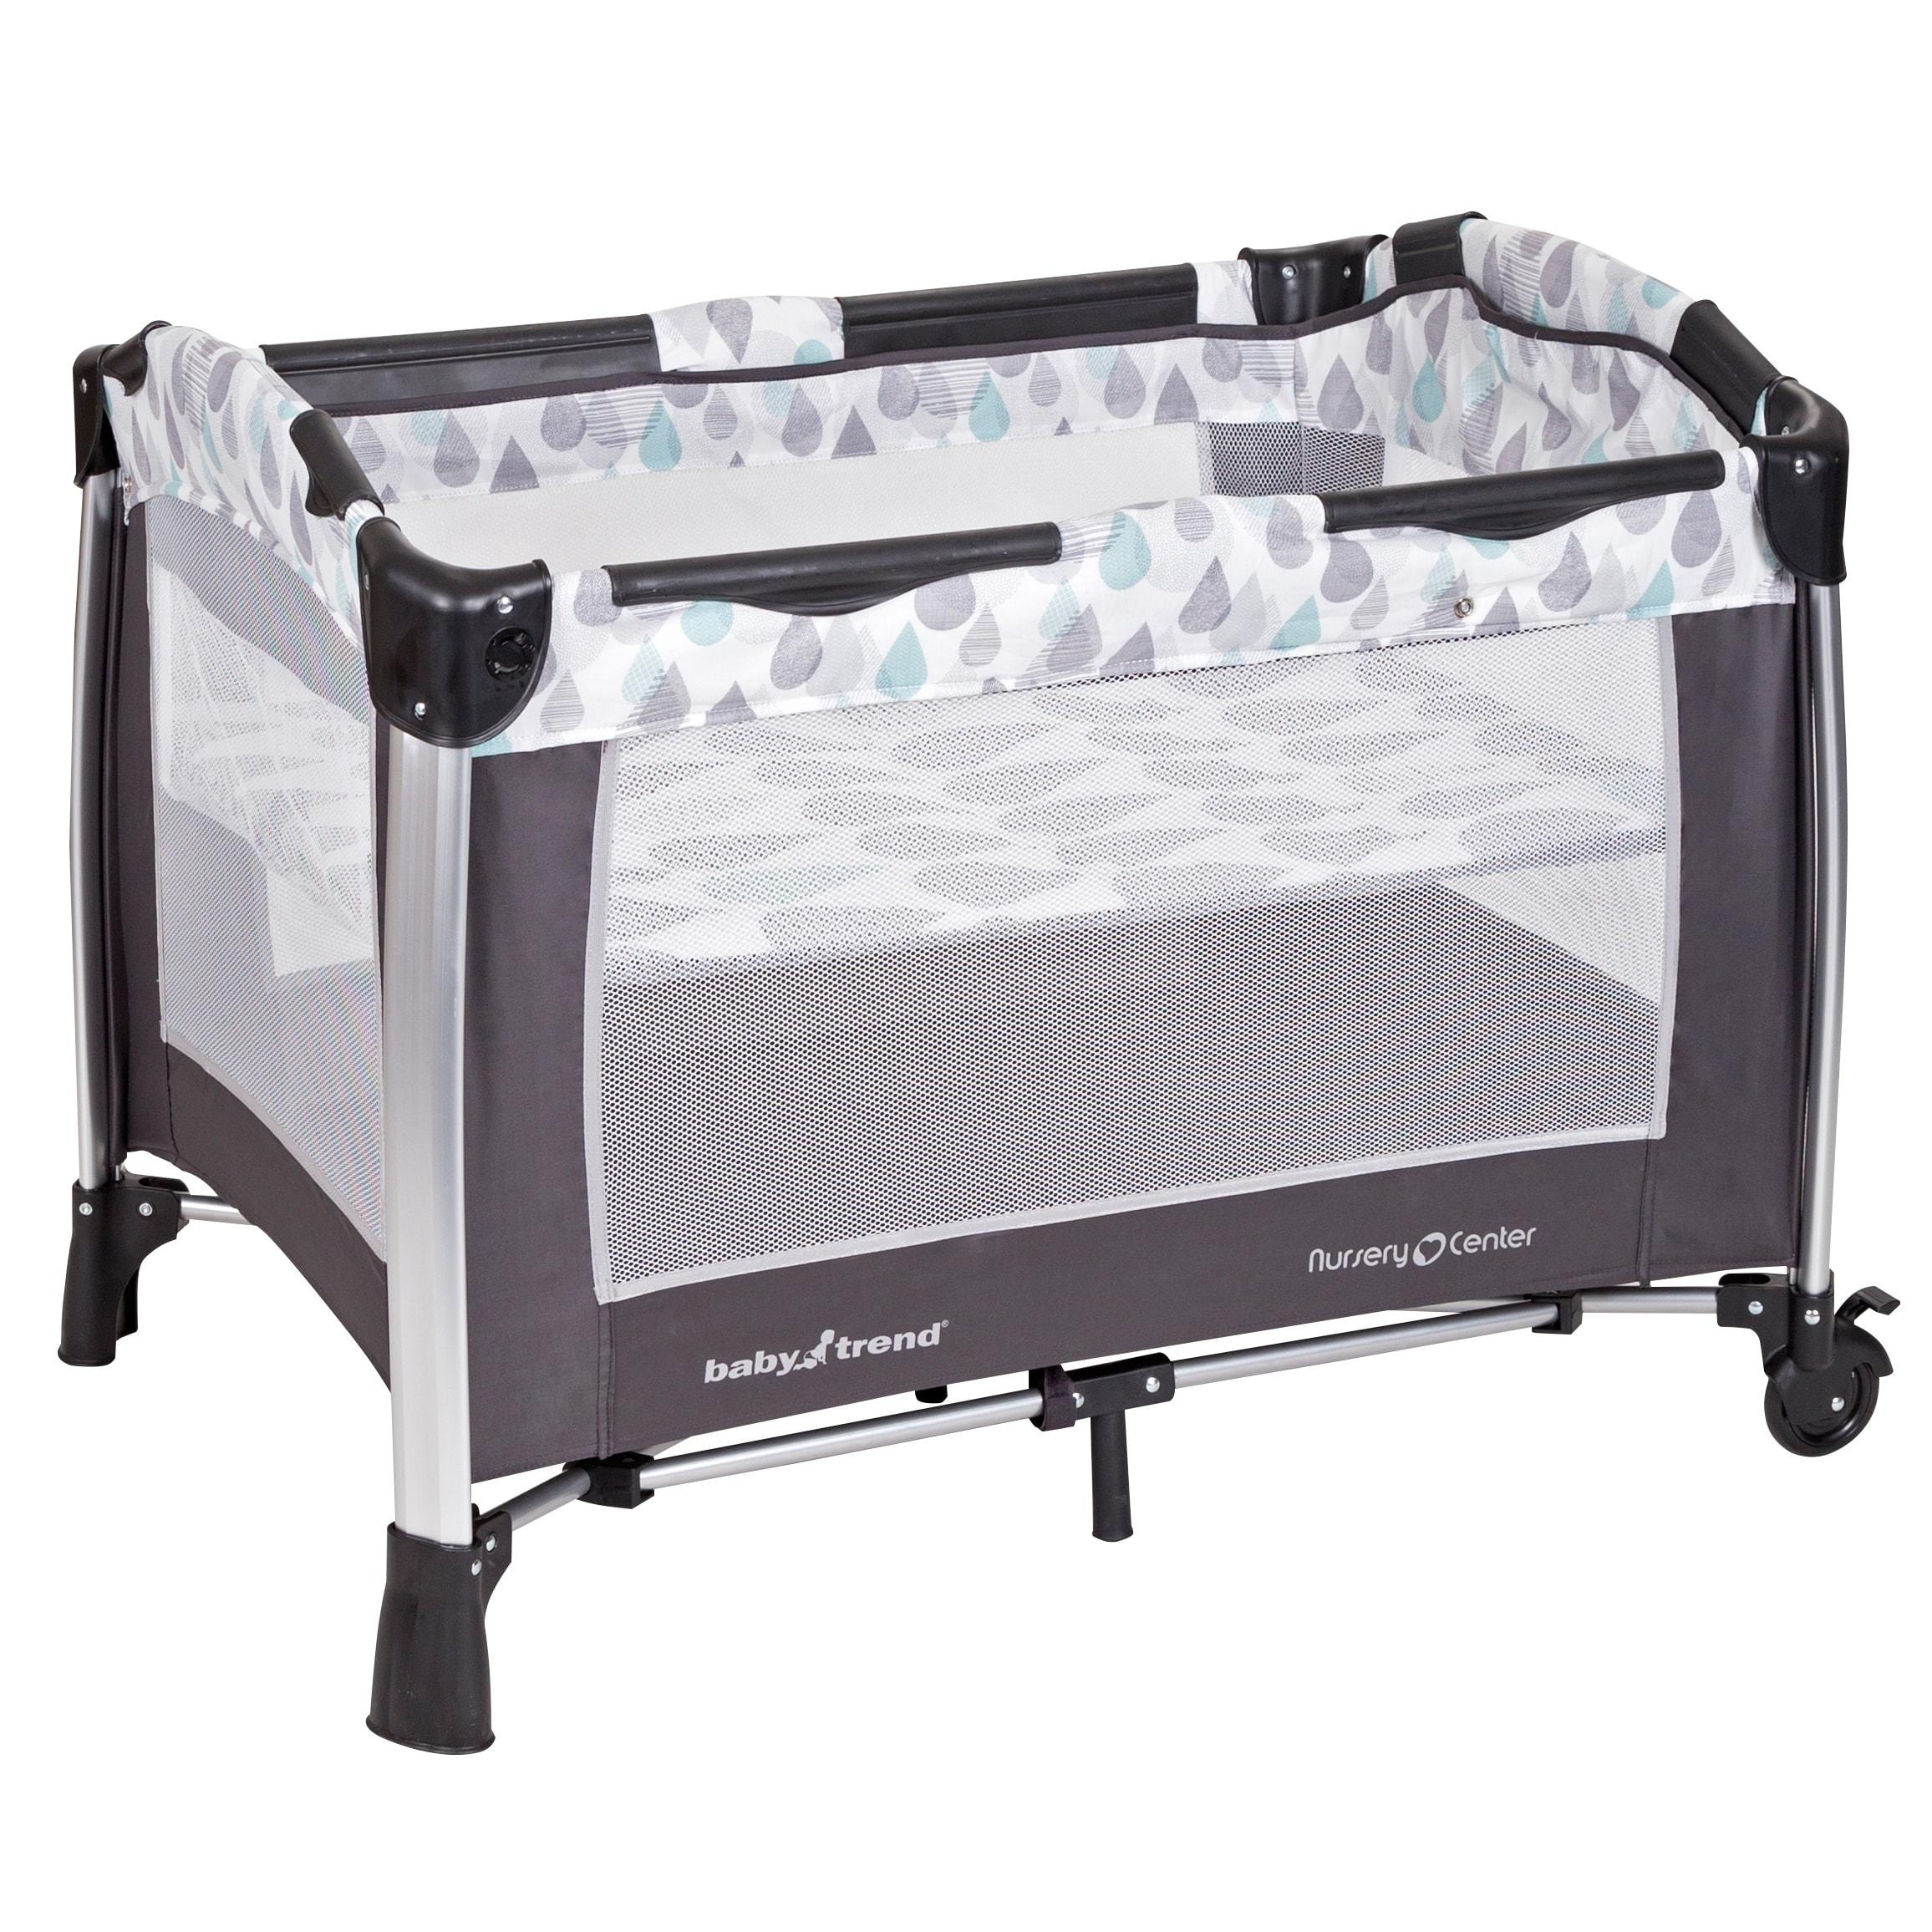 bac55d777c003 Shop Baby Trend Go-Lite ELX Nursery Center